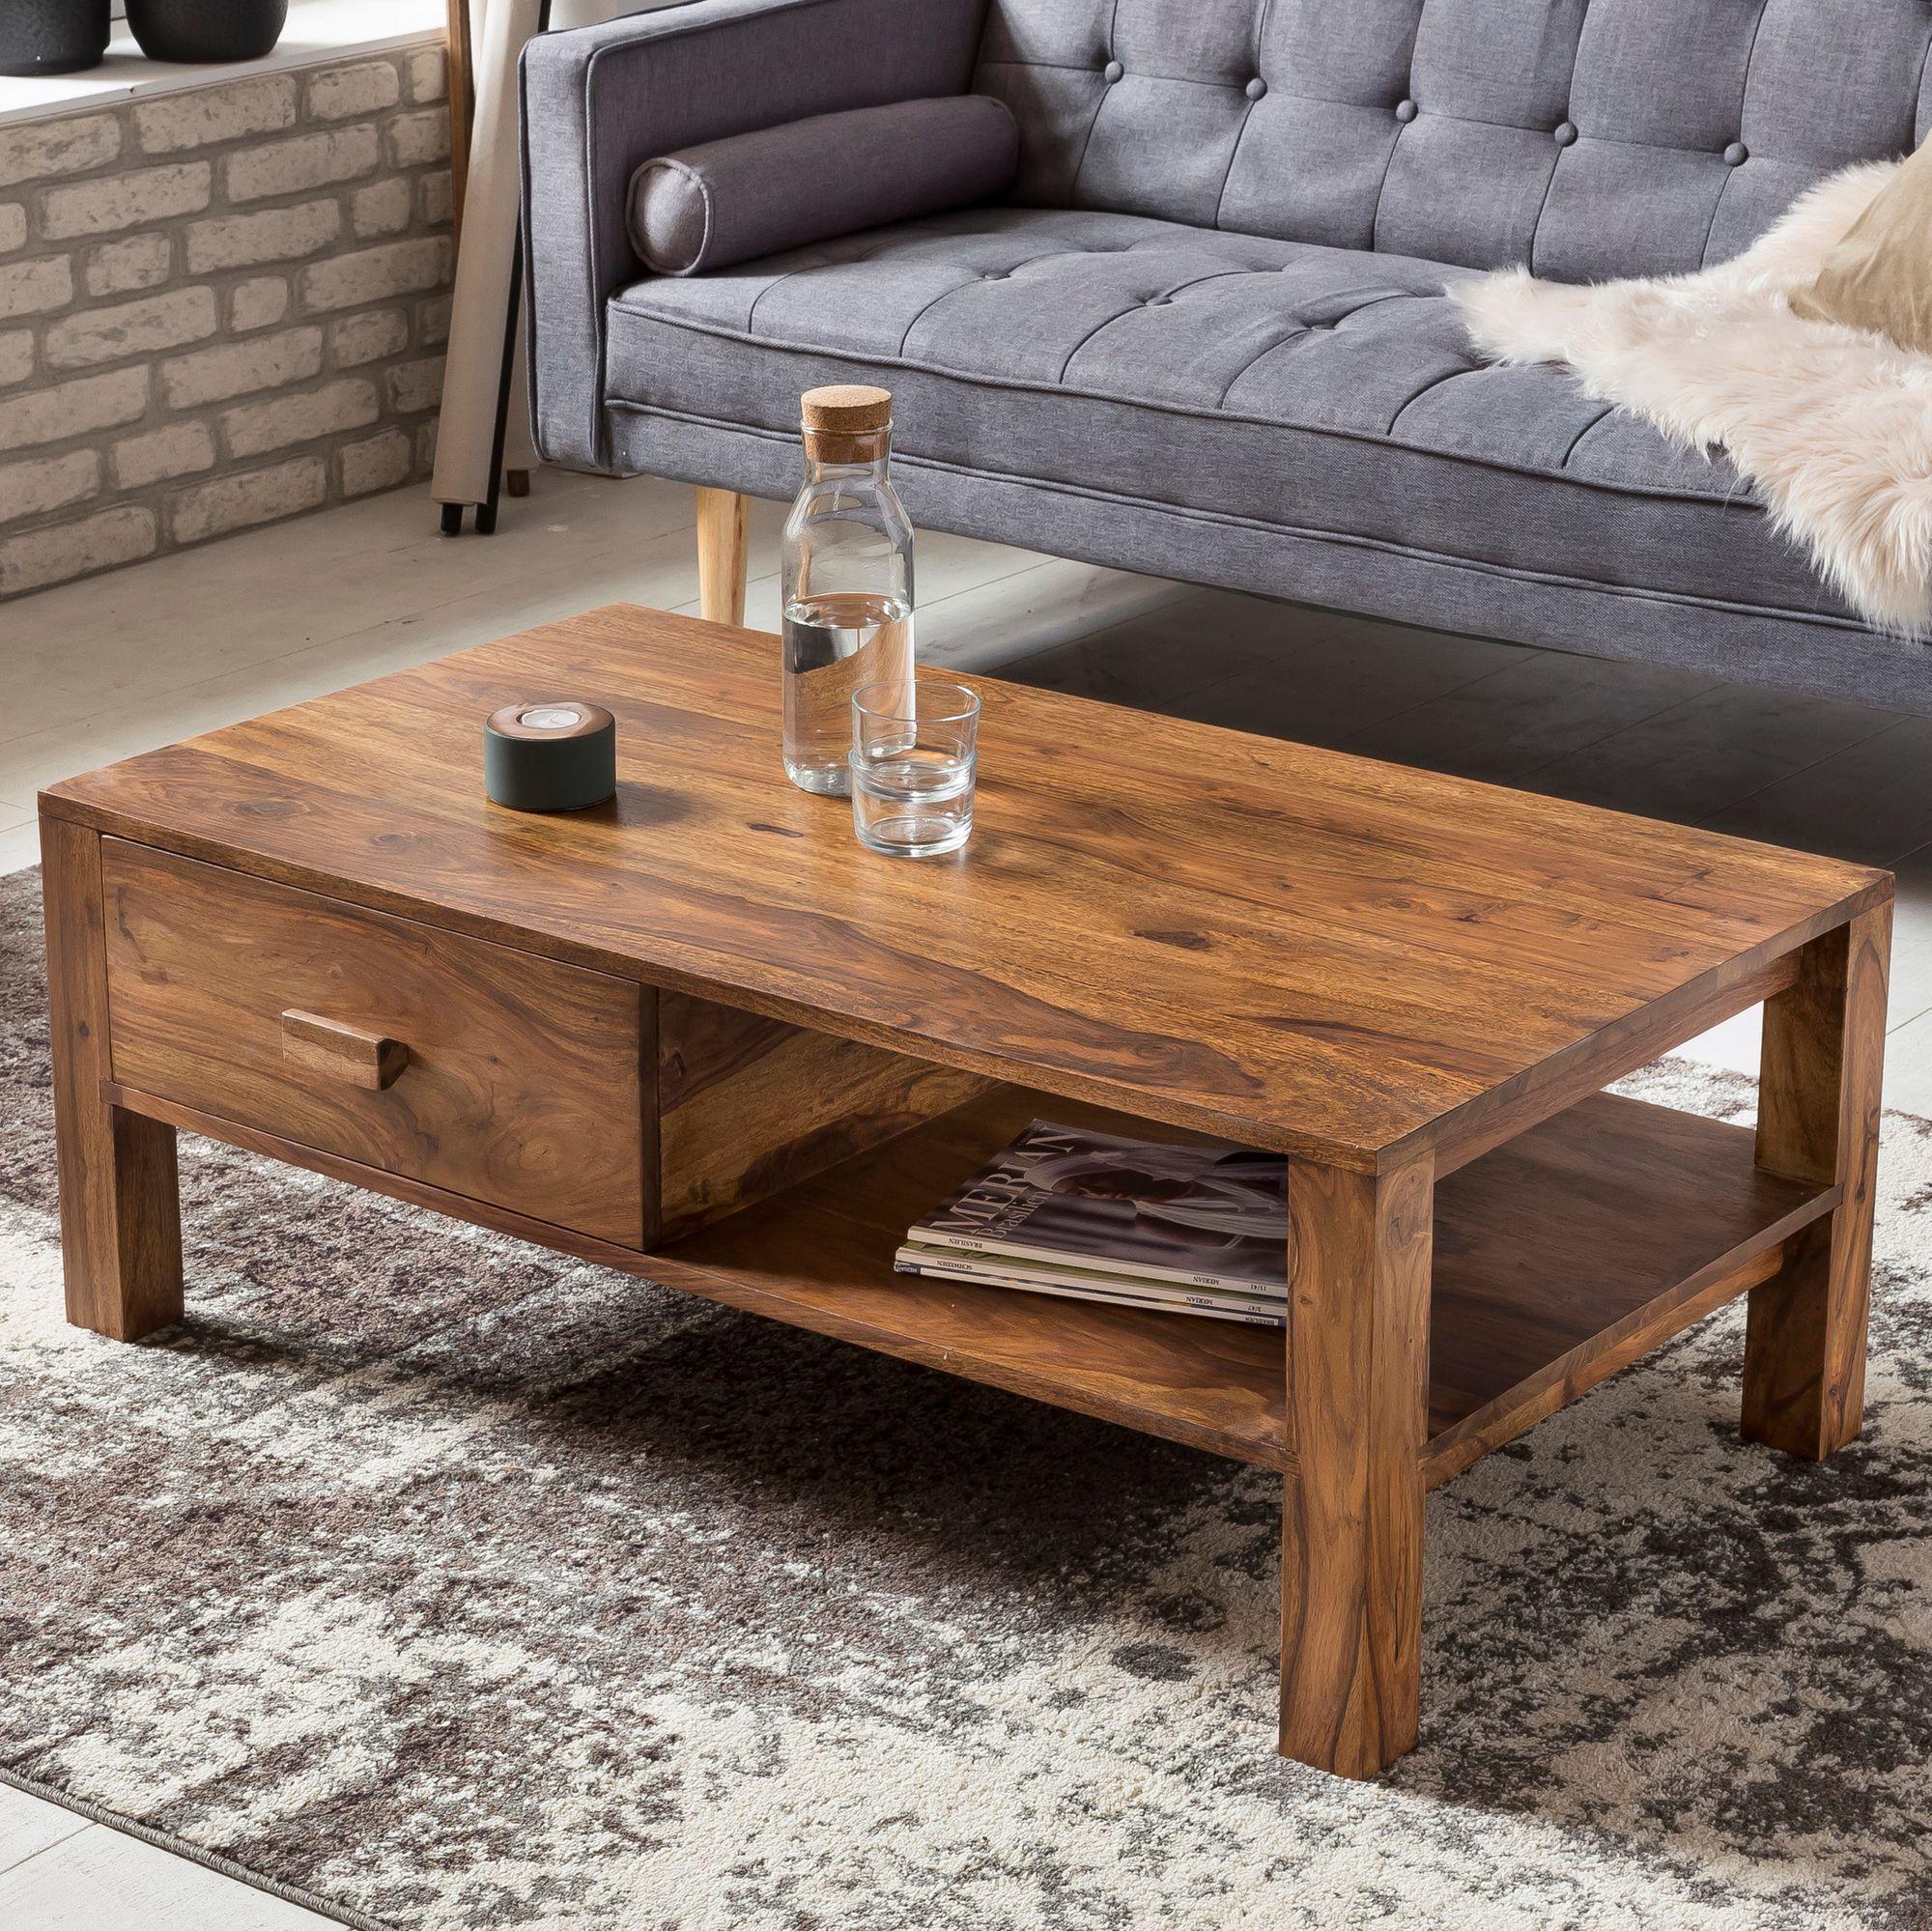 AuBergewohnlich FineBuy Couchtisch Massivholz 110 X 40 X 60 Cm Mit Stauraum Und 1 Schublade  | Design